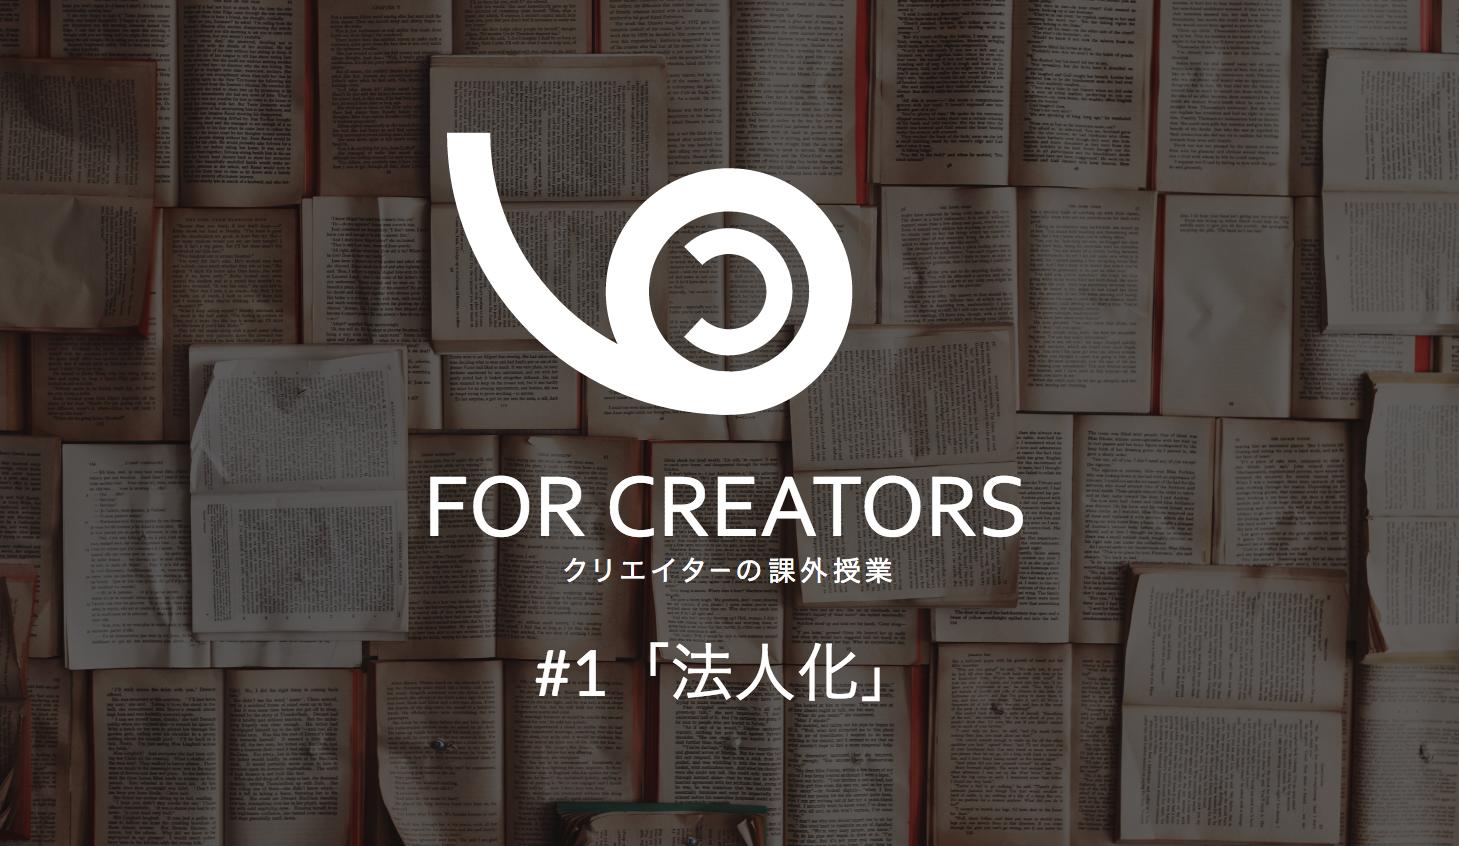 「FOR CREATORS #1」に出演します。